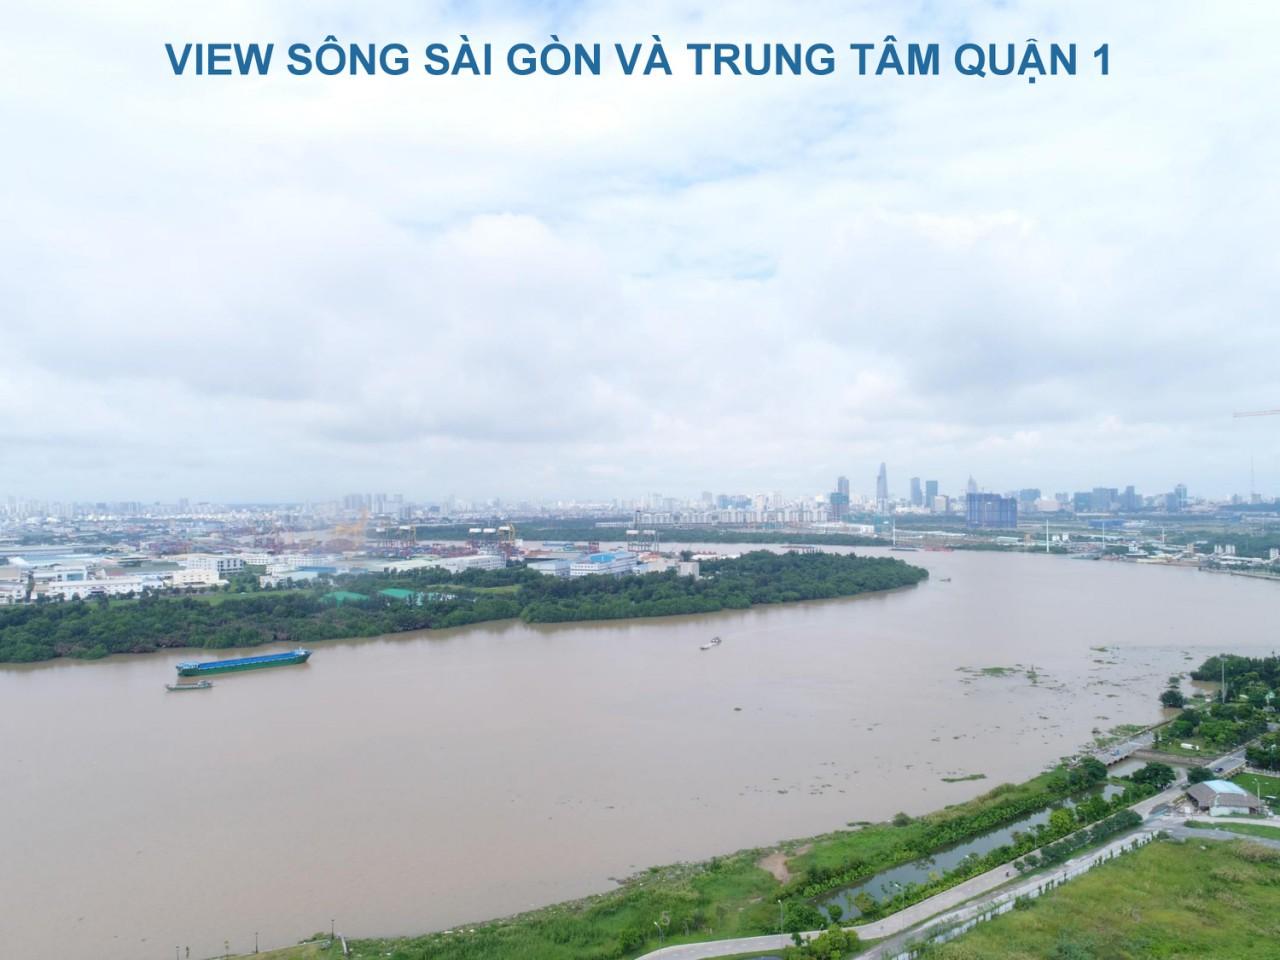 one verandah view song va quan 1